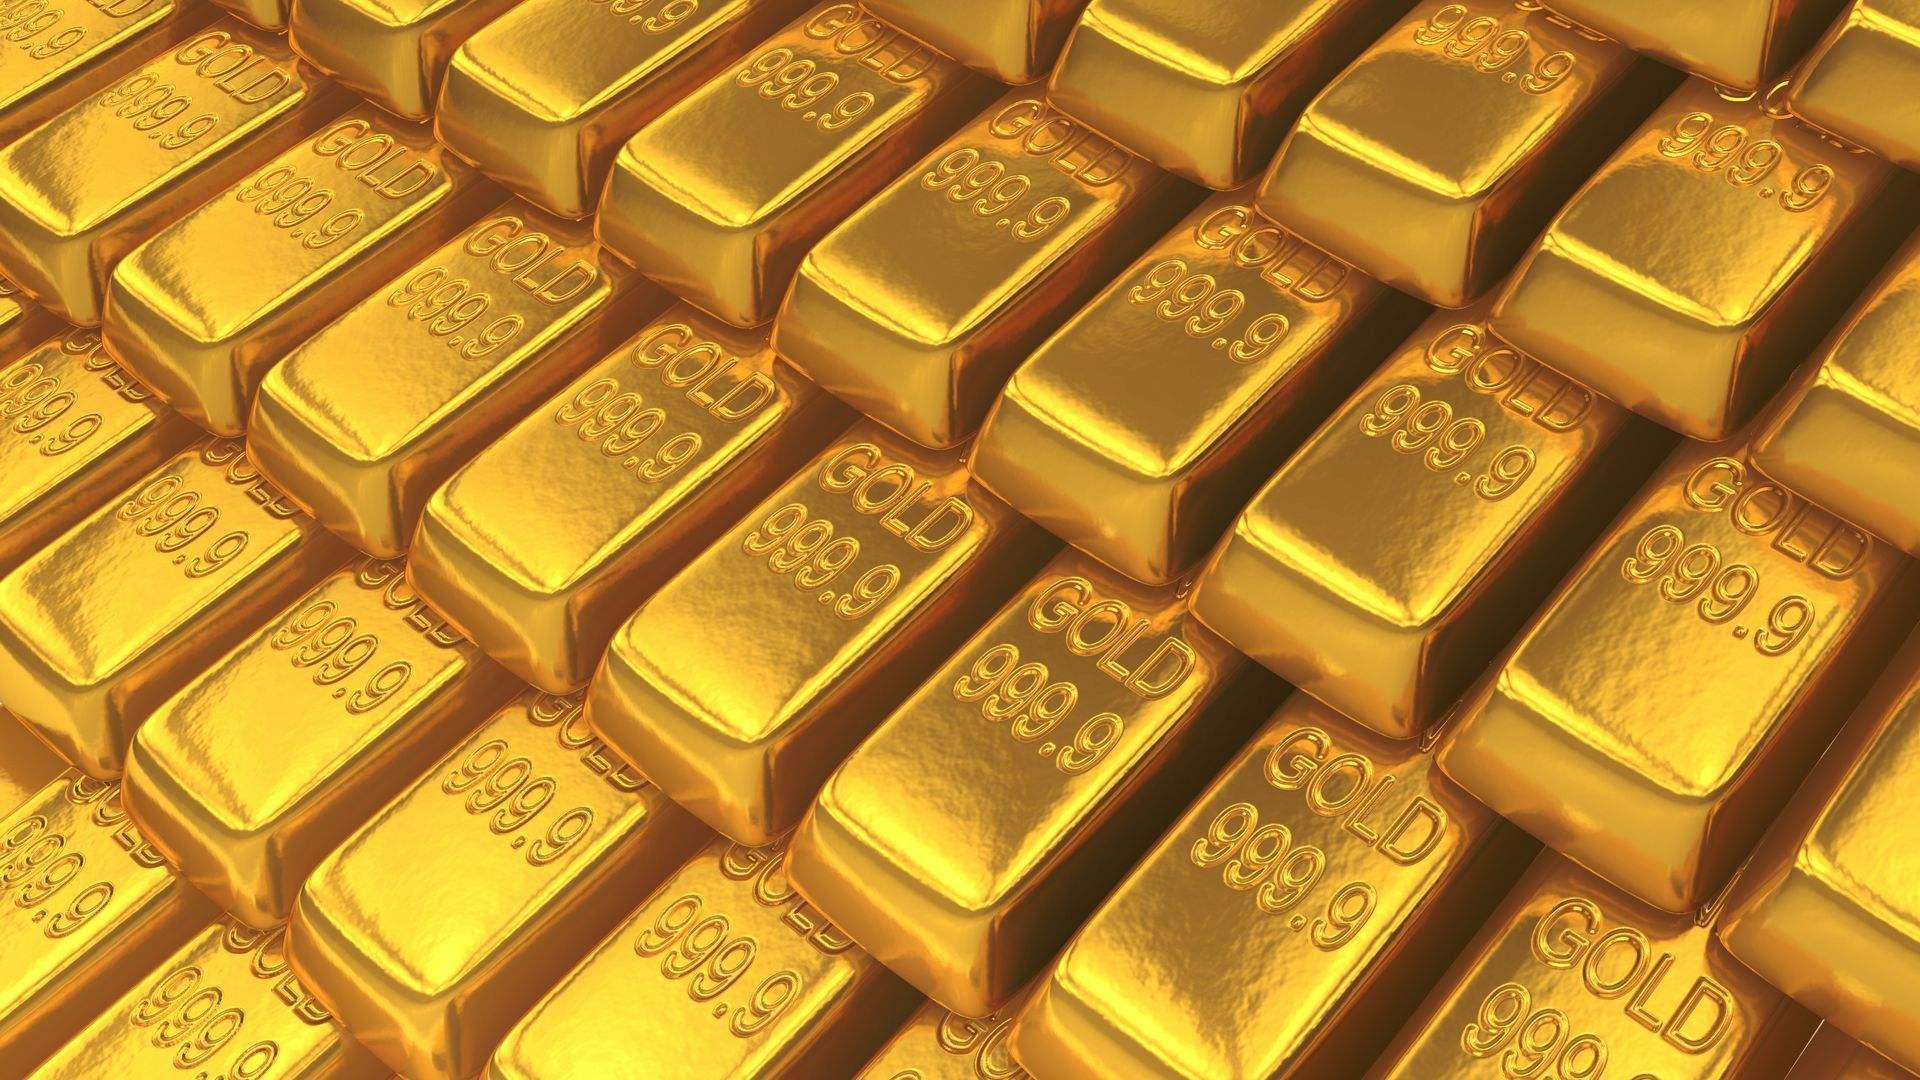 市场人心惶惶 今日黄金上蹿下跳波动剧烈